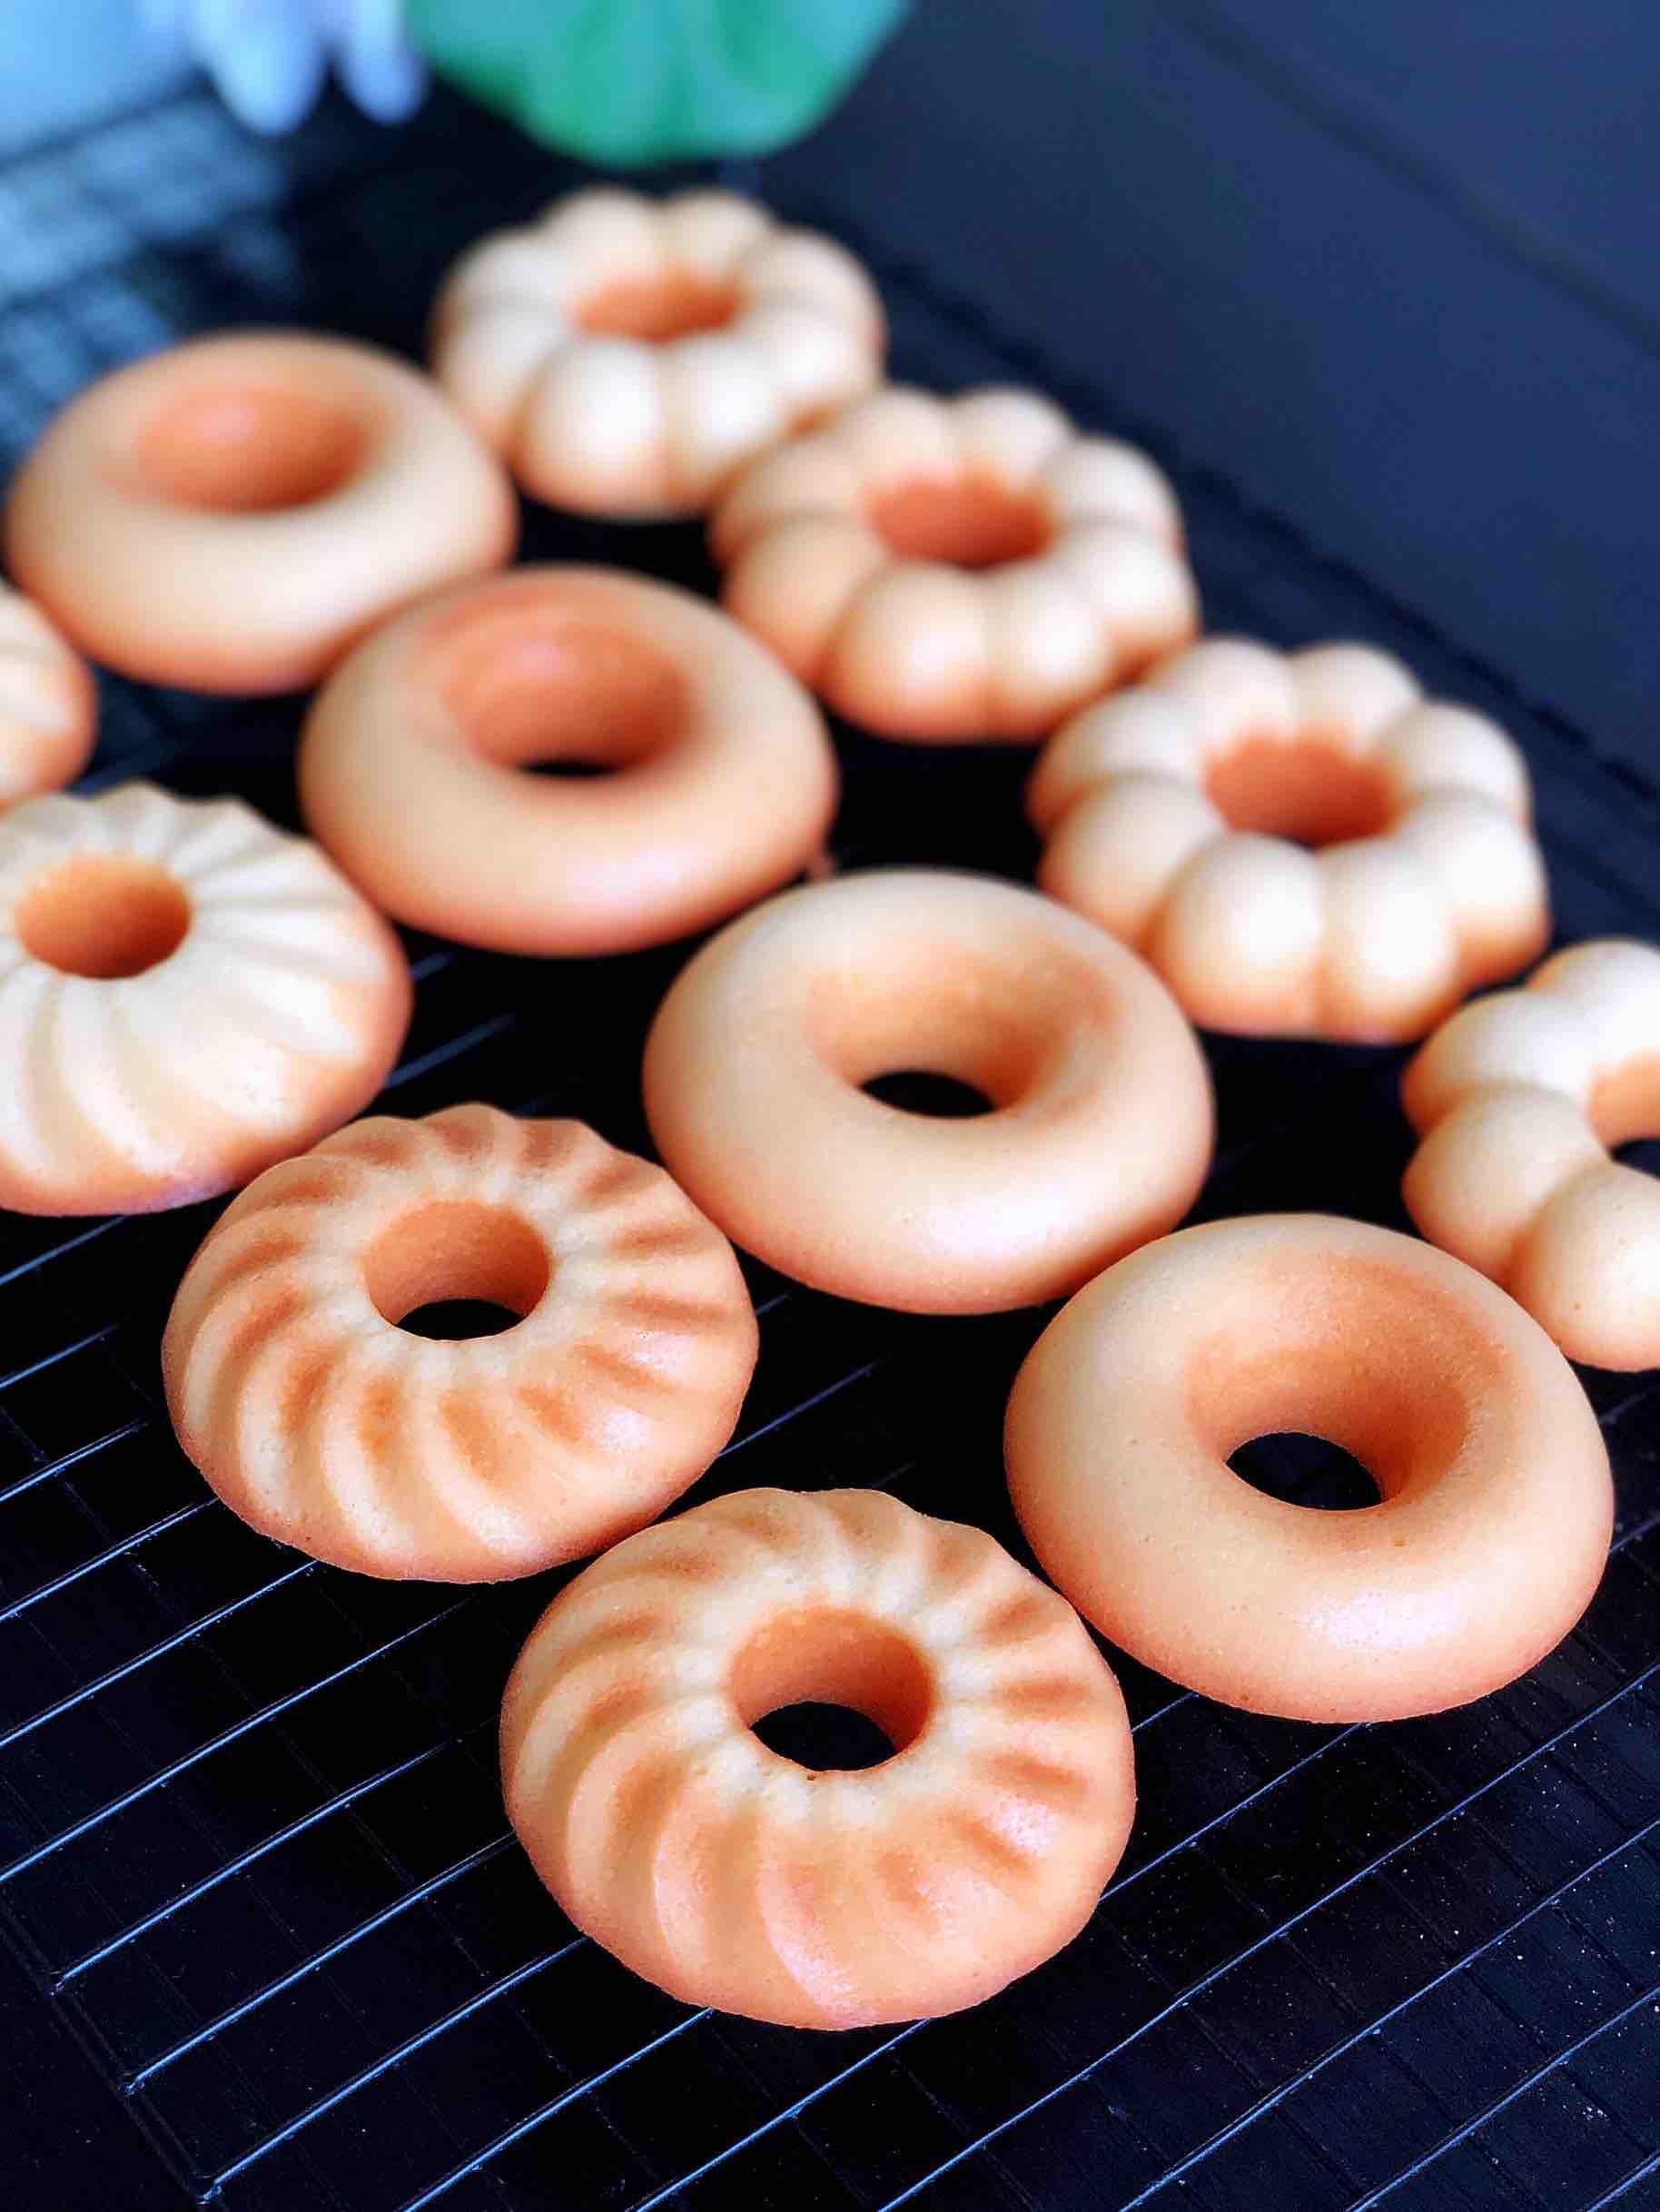 原味甜甜圈(玉米油版)